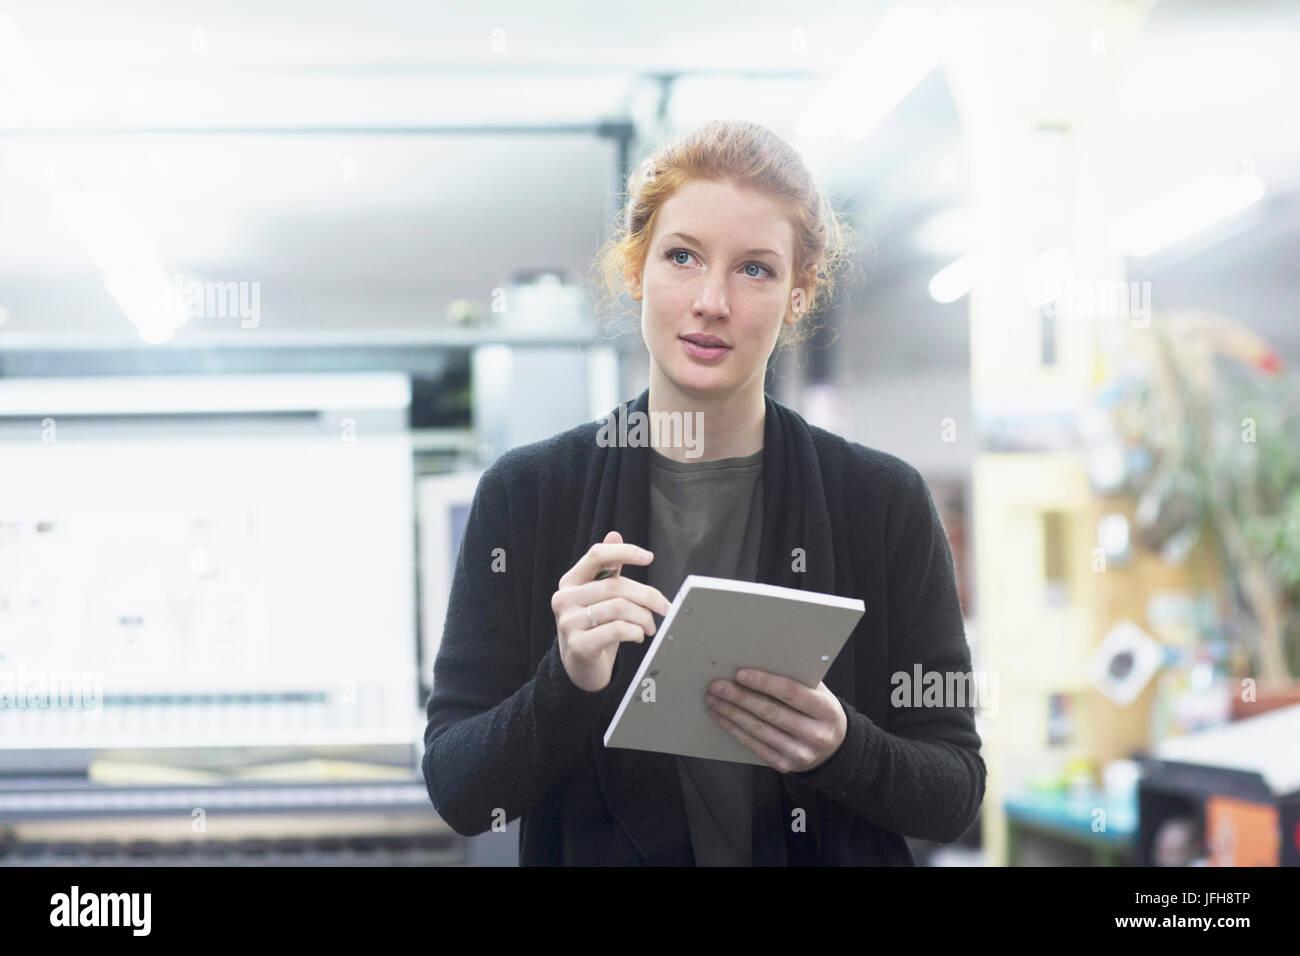 Travailleuse contemplative préparer la liste à la presse à imprimer Banque D'Images